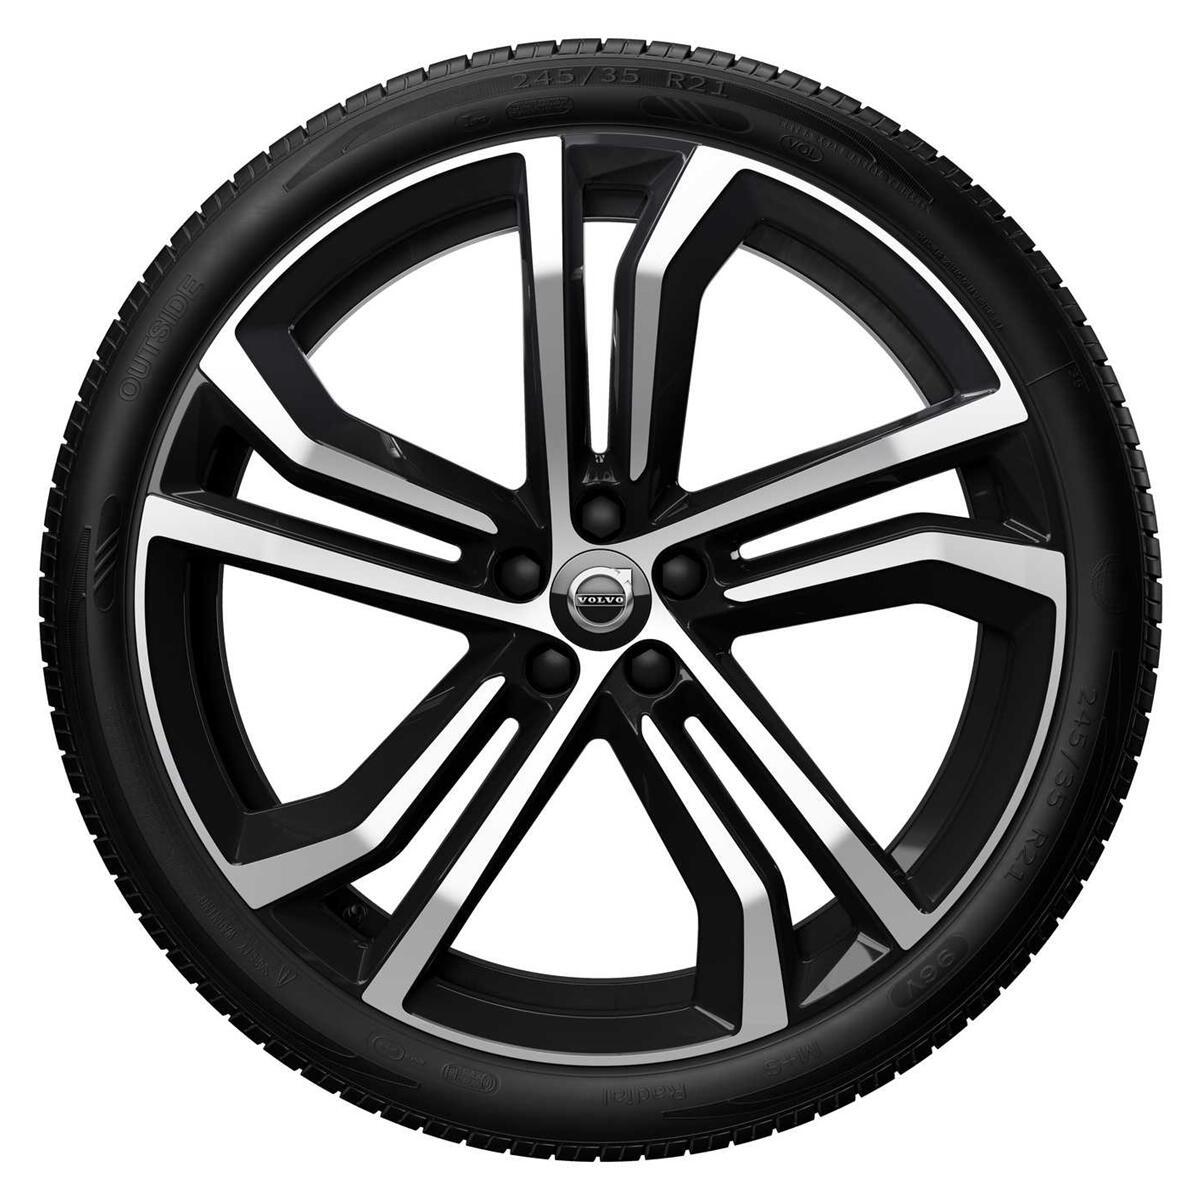 """Komplet zimskih kotača: 20"""". gume Pirelli"""